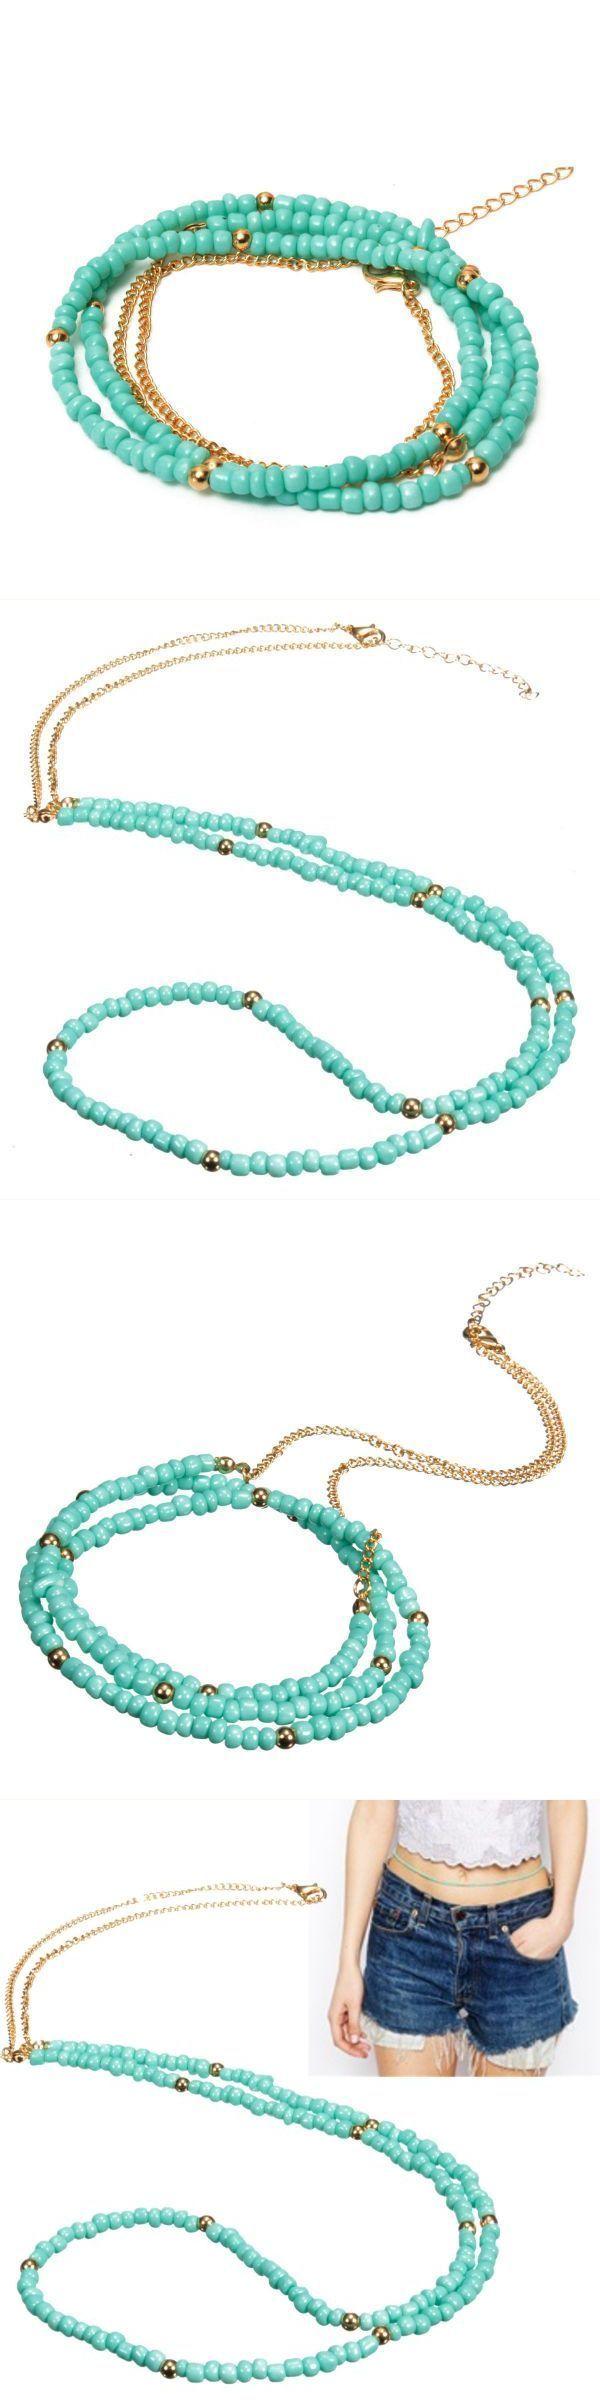 Women sexy bikini green bead belly waist chain body necklace jewelry body jewelry for sale #body #jewelry #denver #body #jewelry #in #bulk #body #jewelry #plus #prices #body #jewelry #yorkdale